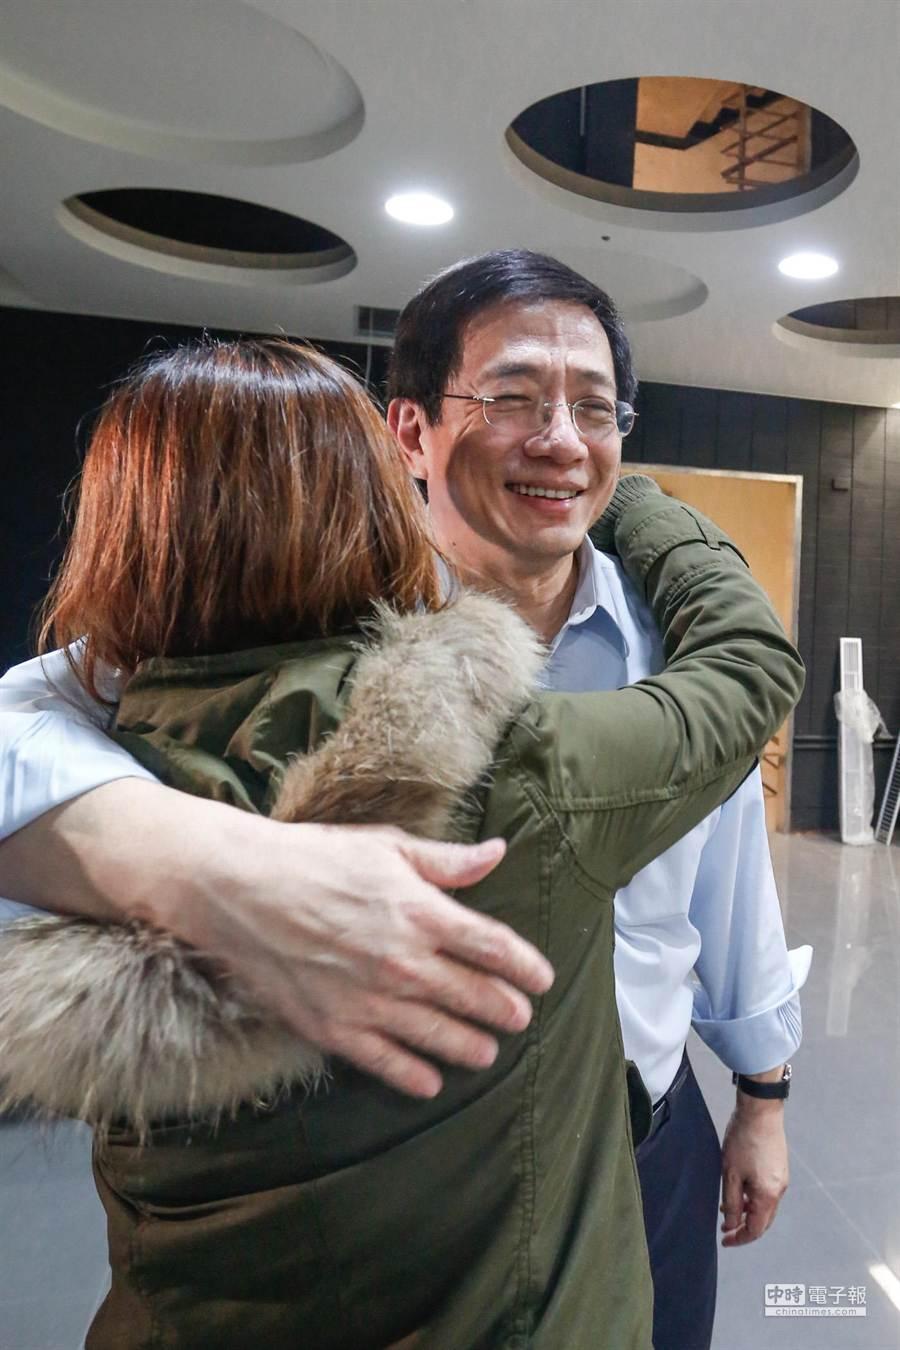 管中閔(右)發表離職聲明時,見到媒體記者流下淚來,管中閔大方給予擁抱。(陳振堂攝)